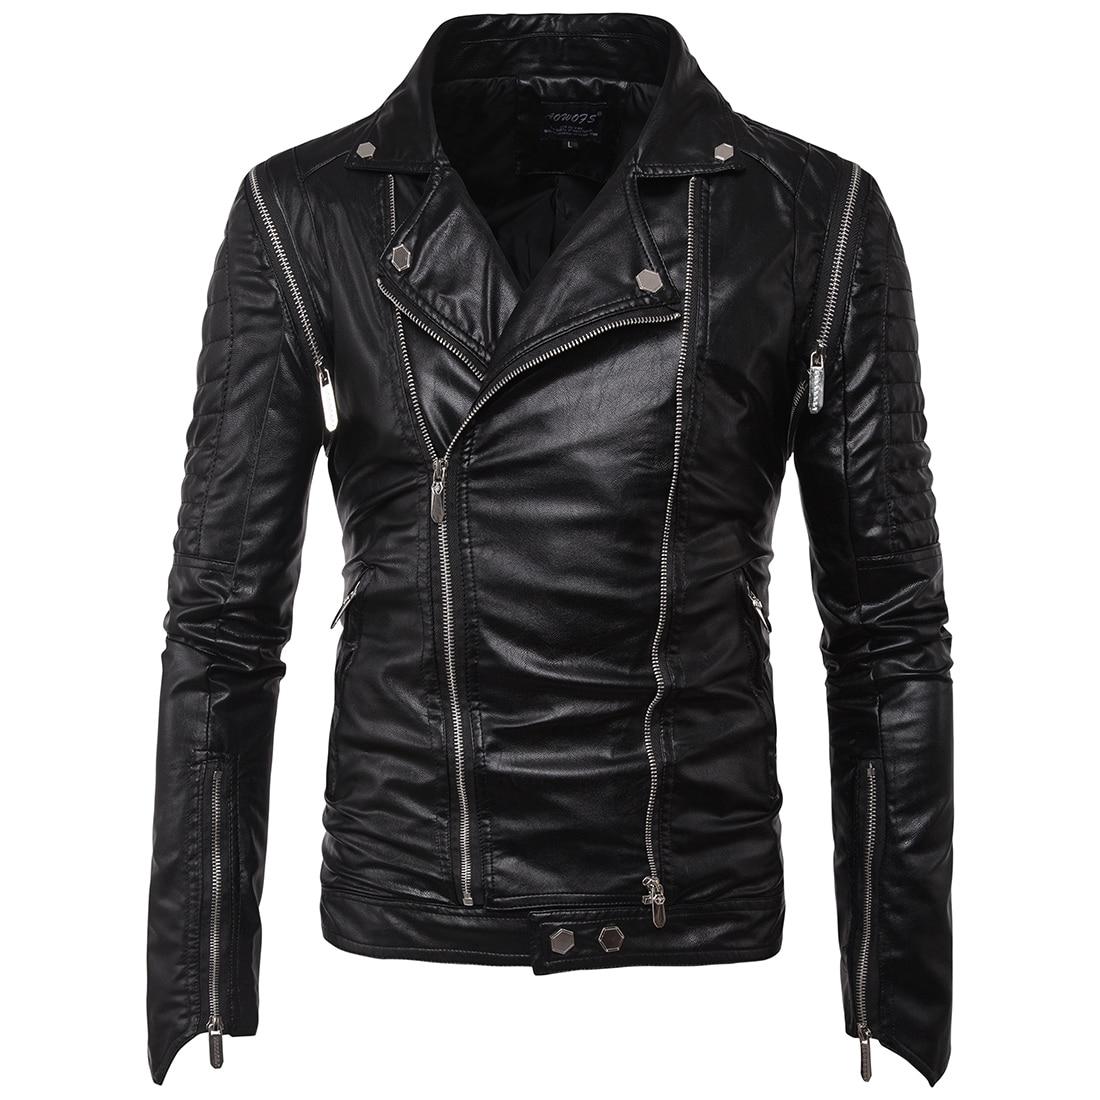 Pu Punk 2018 M vêtements Style Marque Manteau Loldeal Faux Moto Biker Noir Veste Printemps Automne Cuir 5xl Casual 6ddqw8C